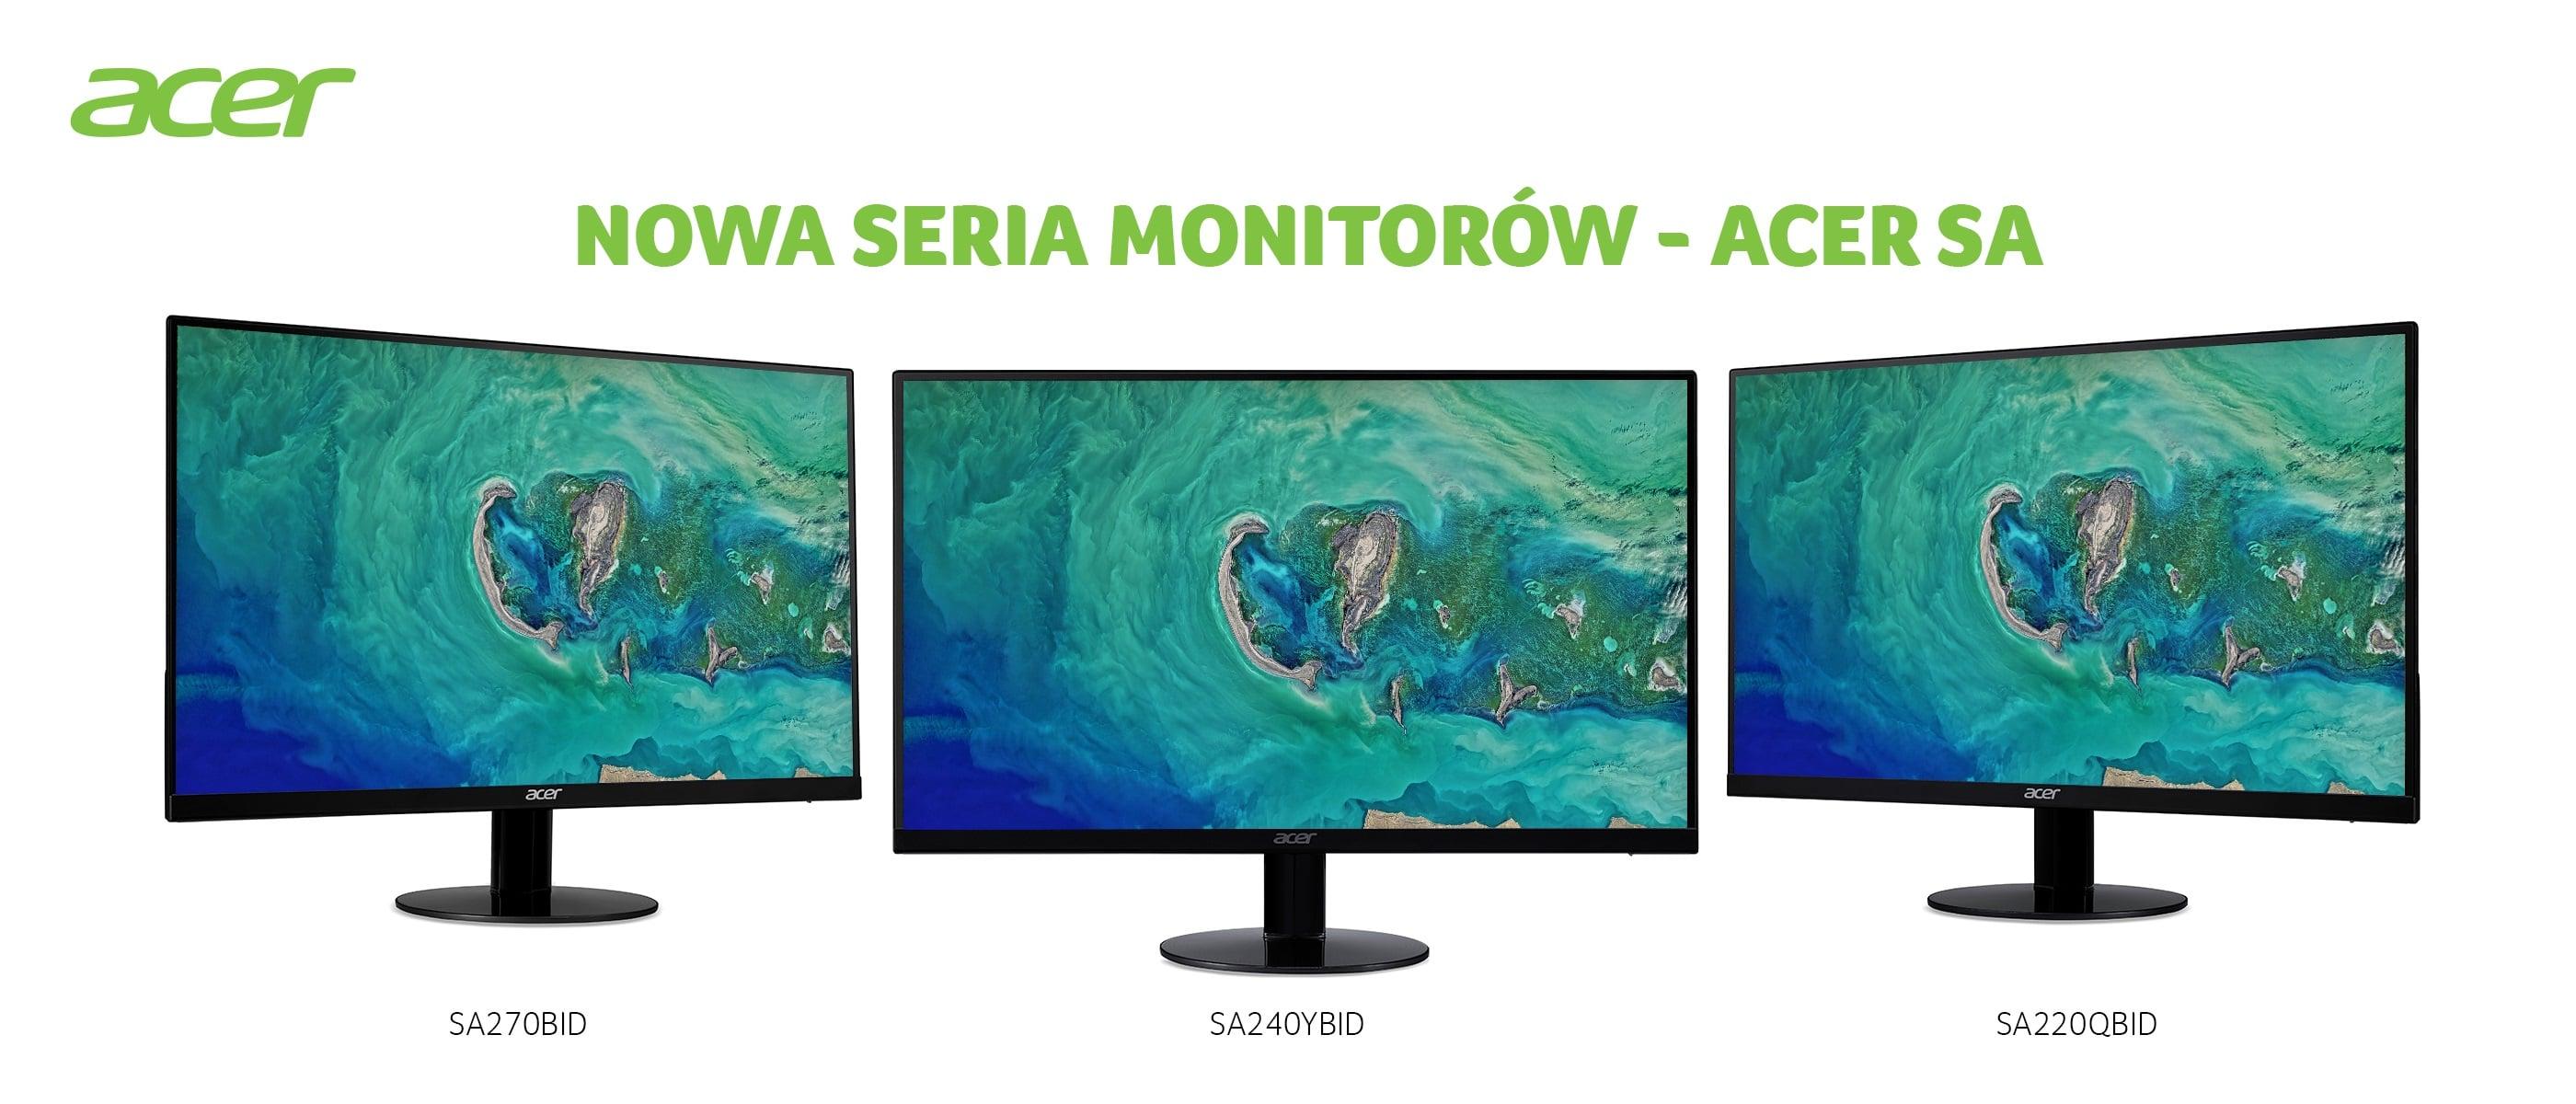 Swoimi nowymi propozycjami Acer udowadnia, że dobry monitor nie musi być bardzo drogi 23